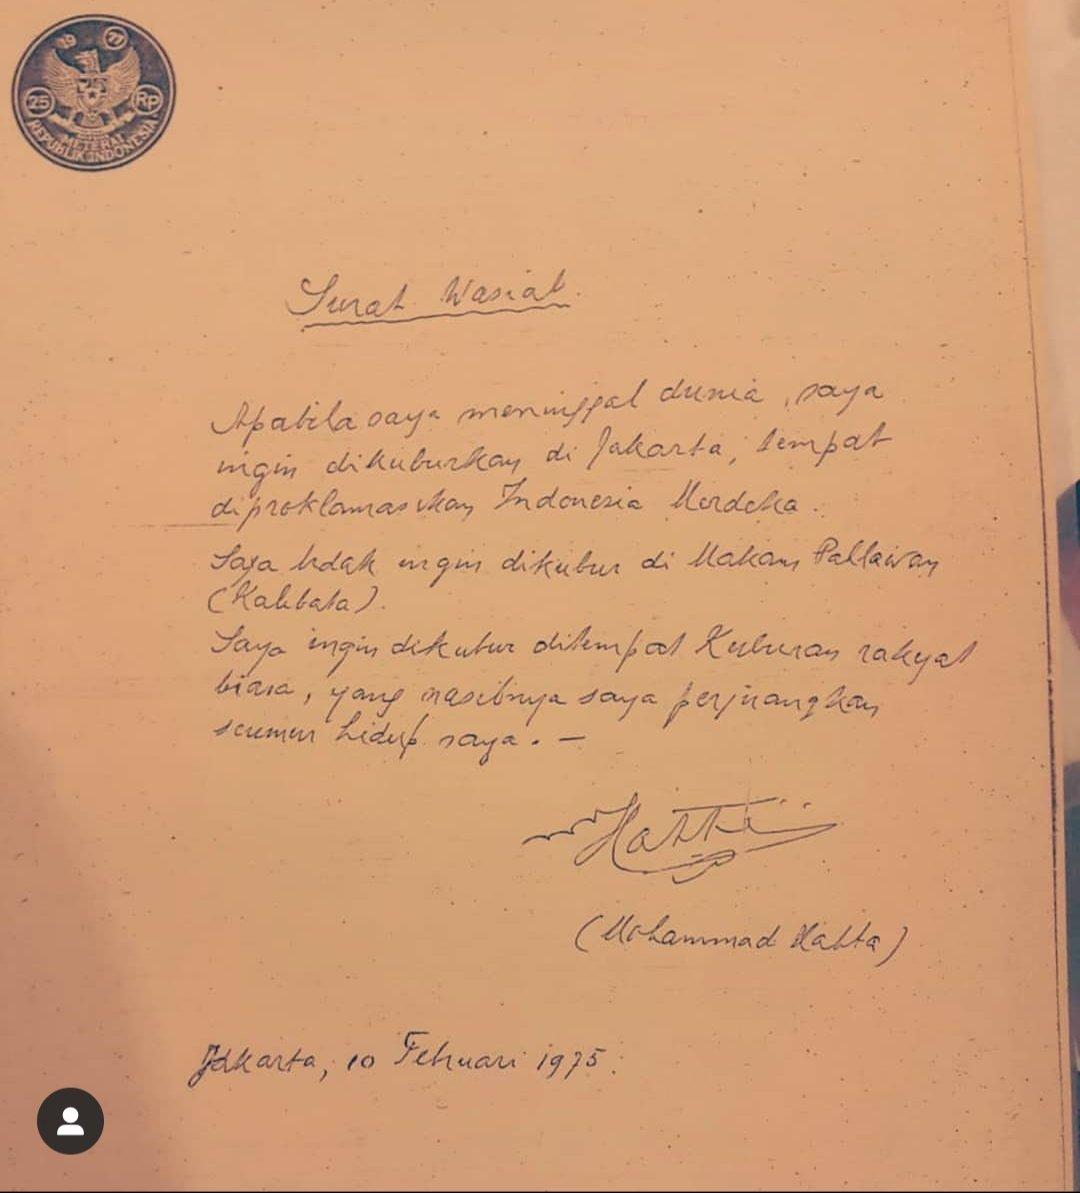 Surat wasiat Hatta yang diposting oleh cucunya, Gustika, lewat media sosial.